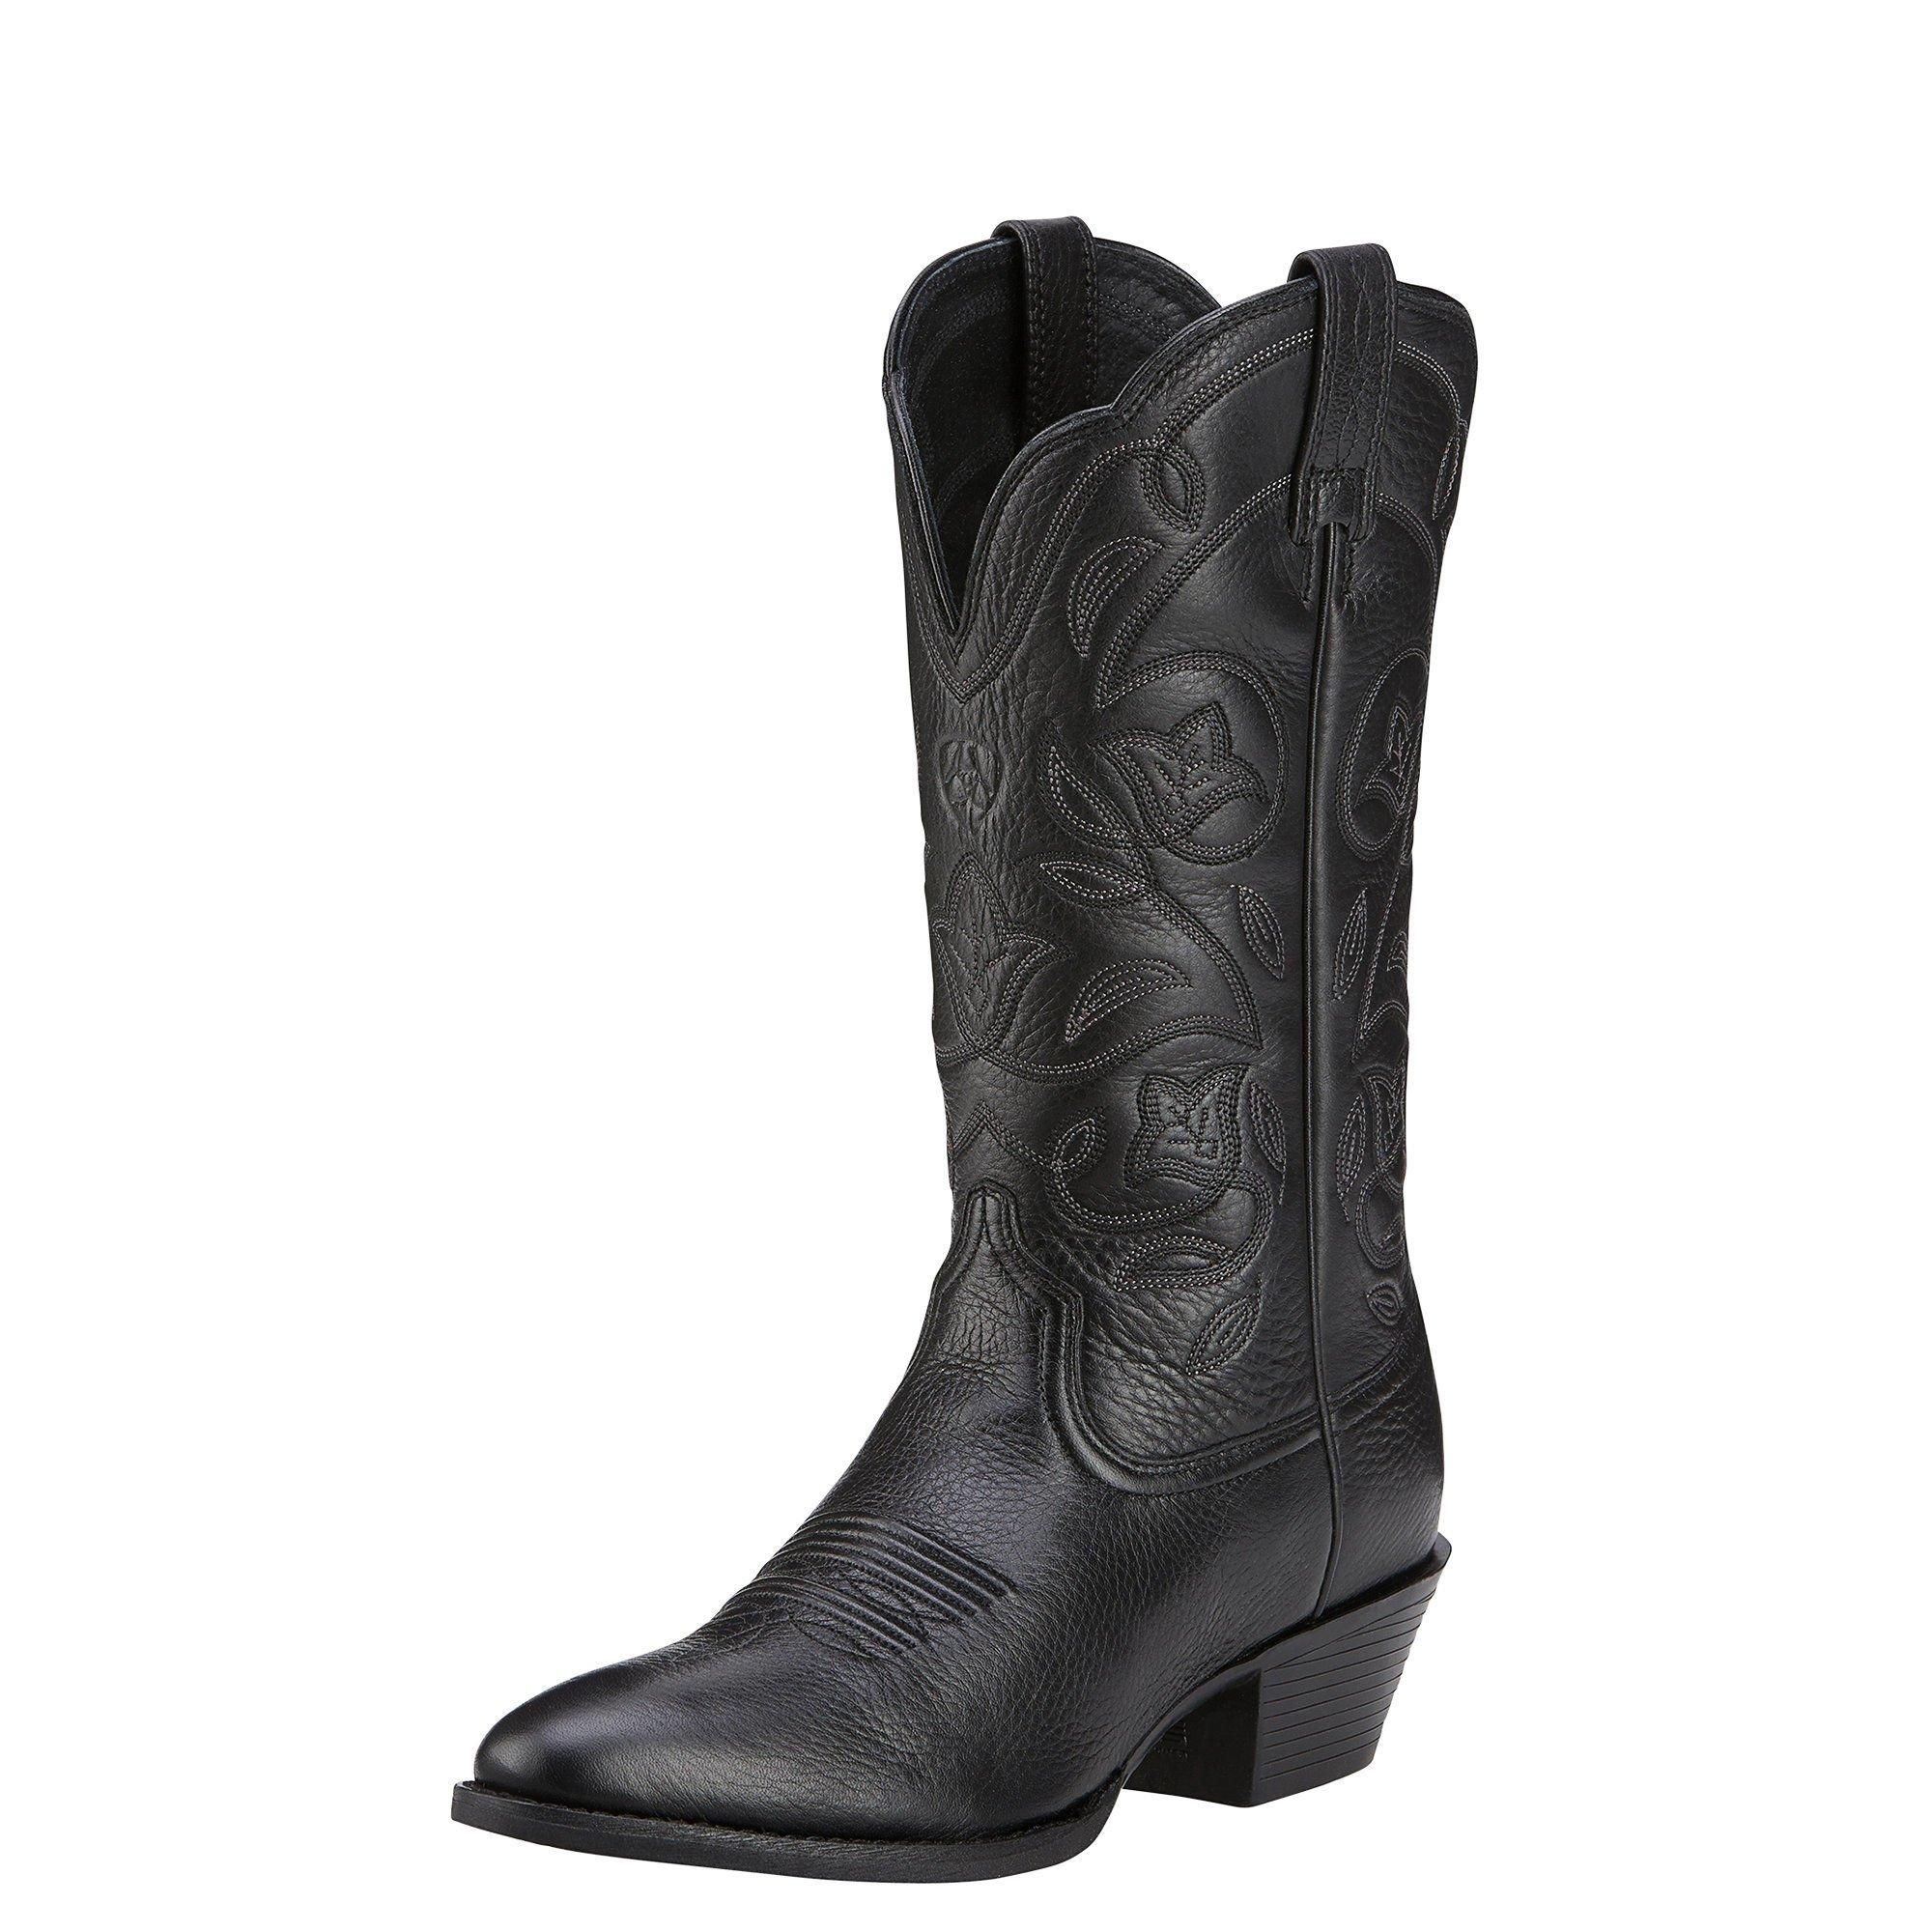 Ariat Women's Heritage Western R Toe Western Cowboy Boot, Black Deer Tan, 10 B US